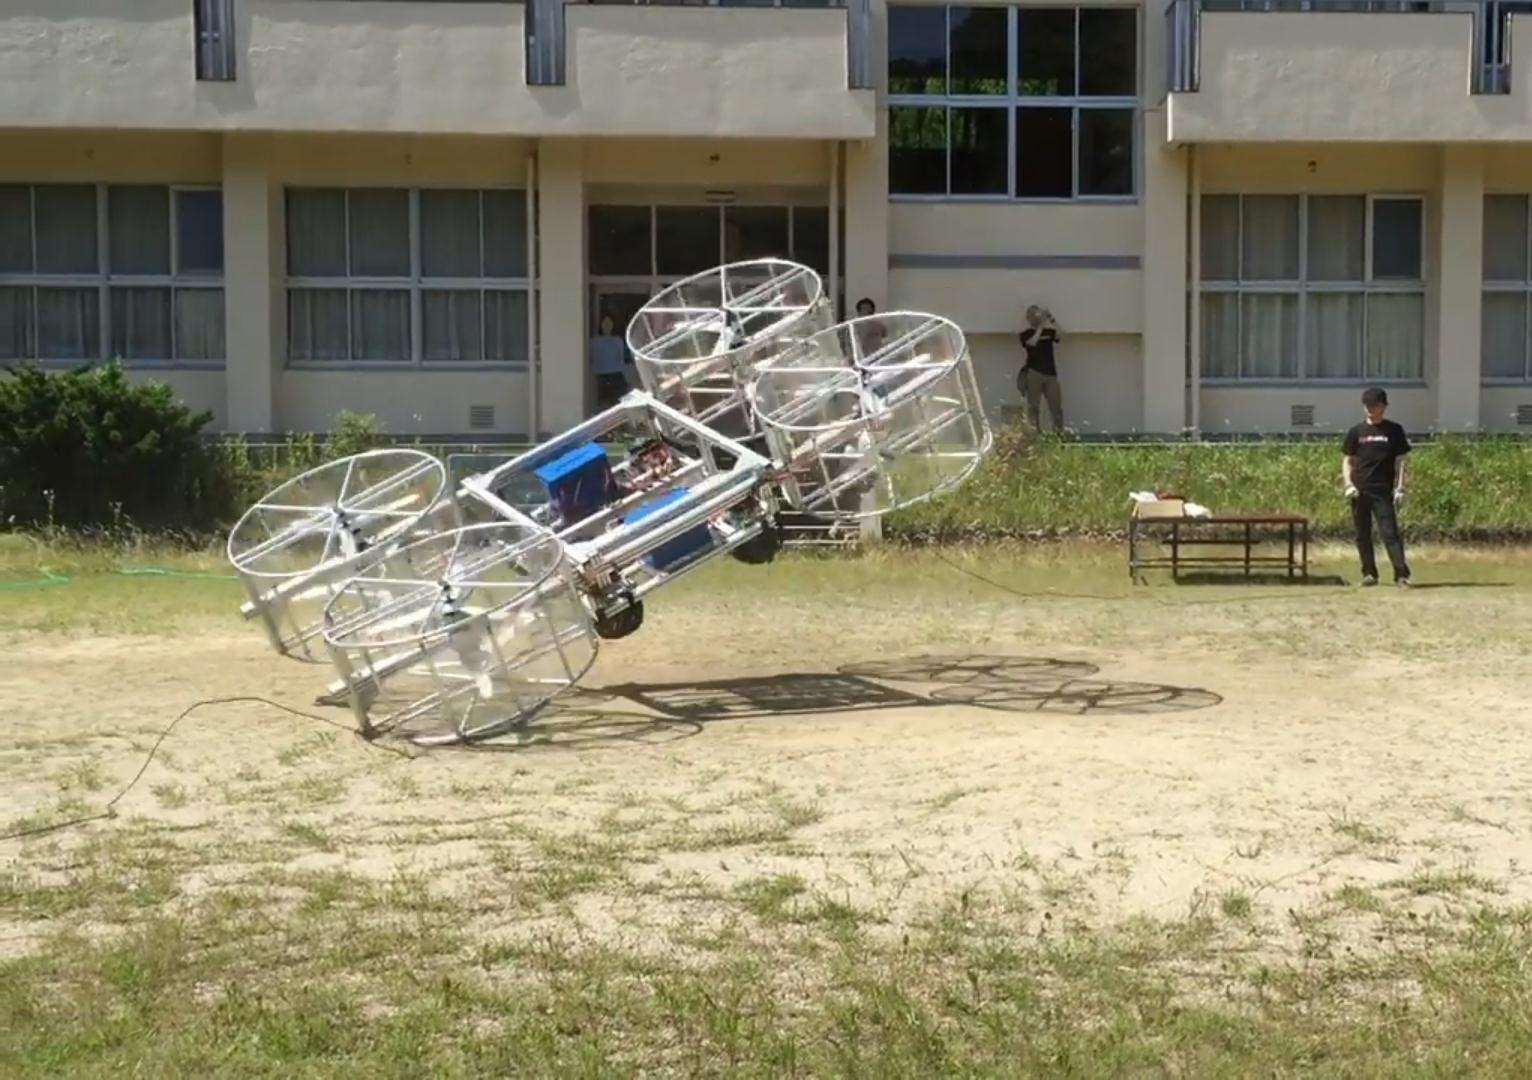 科技雷不撕:丰田的飞车原型测试受挫